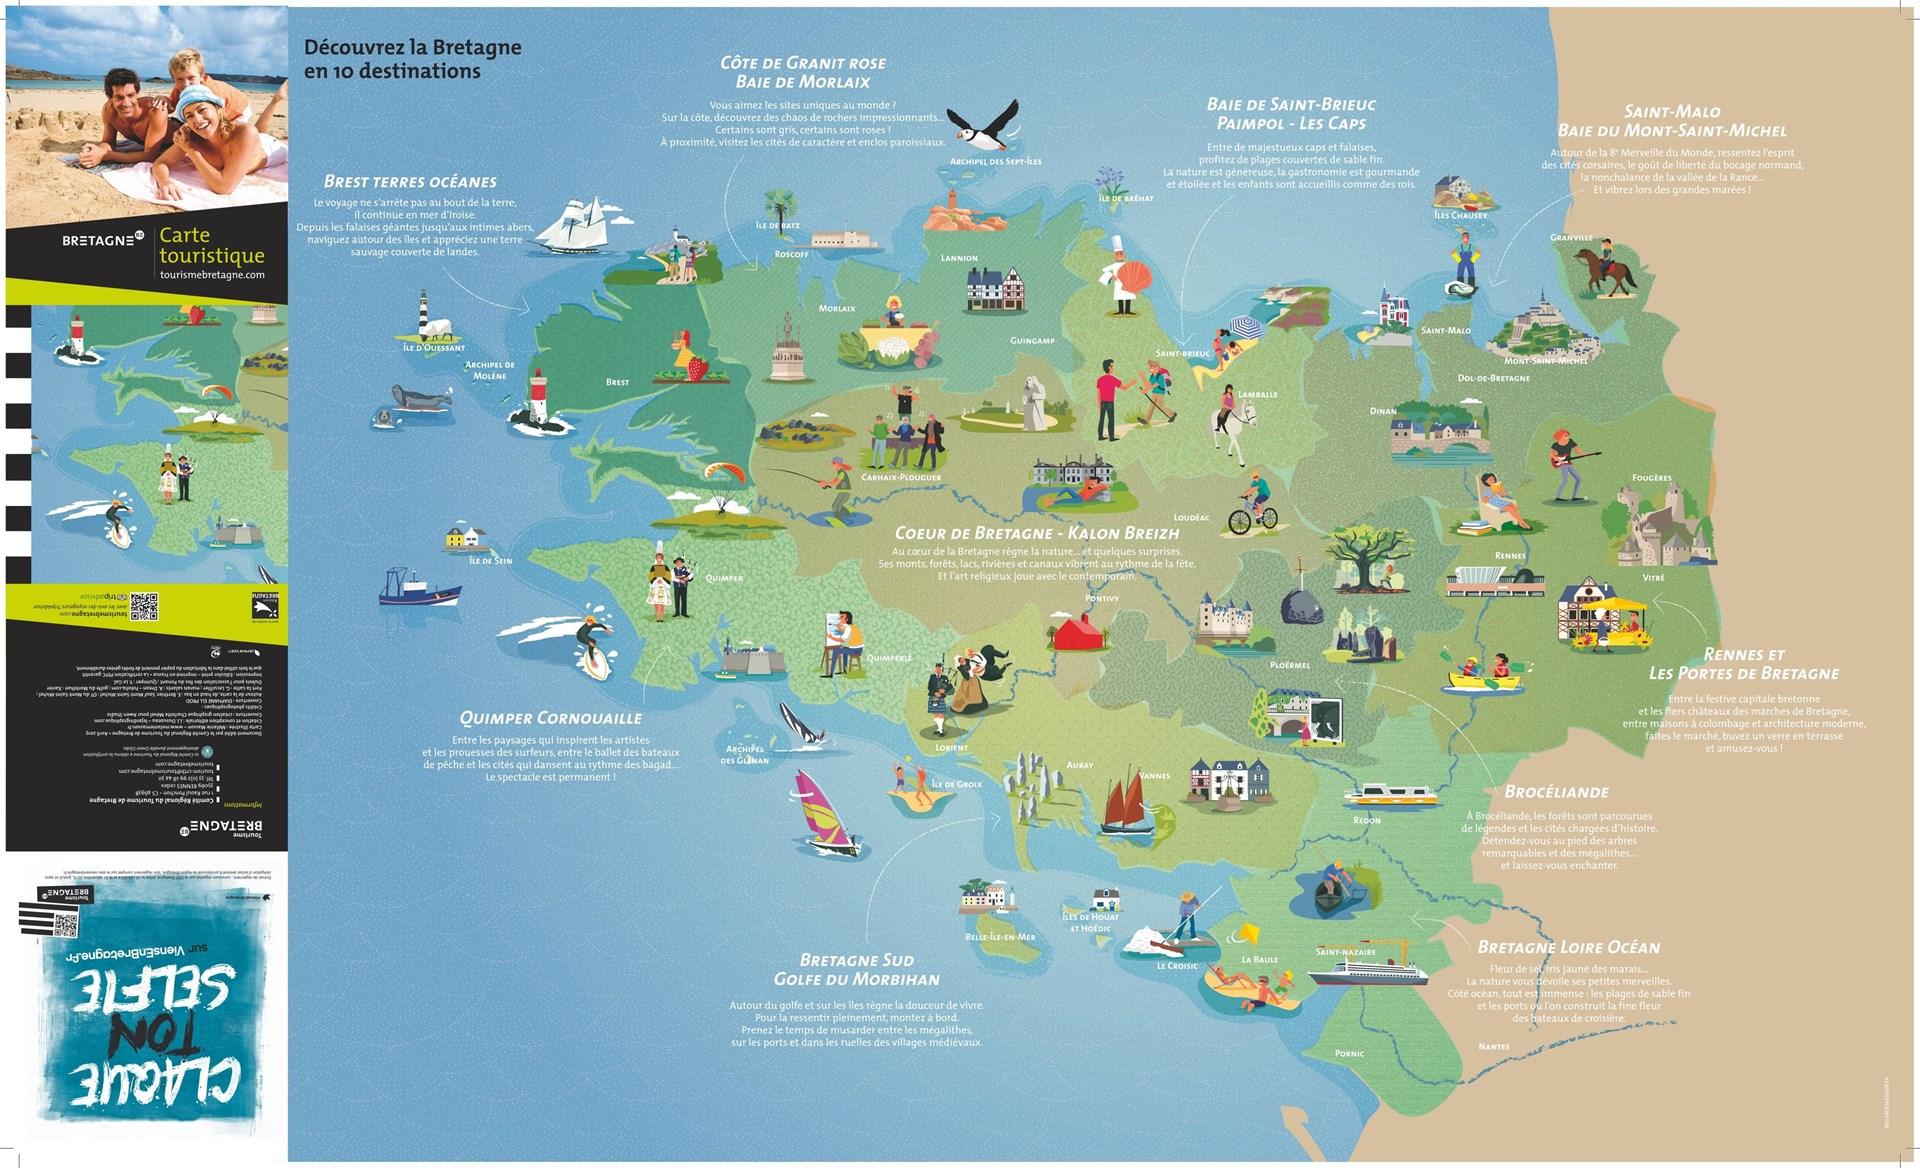 Les 10 destinations touristiques de Bretagne   Site officiel du